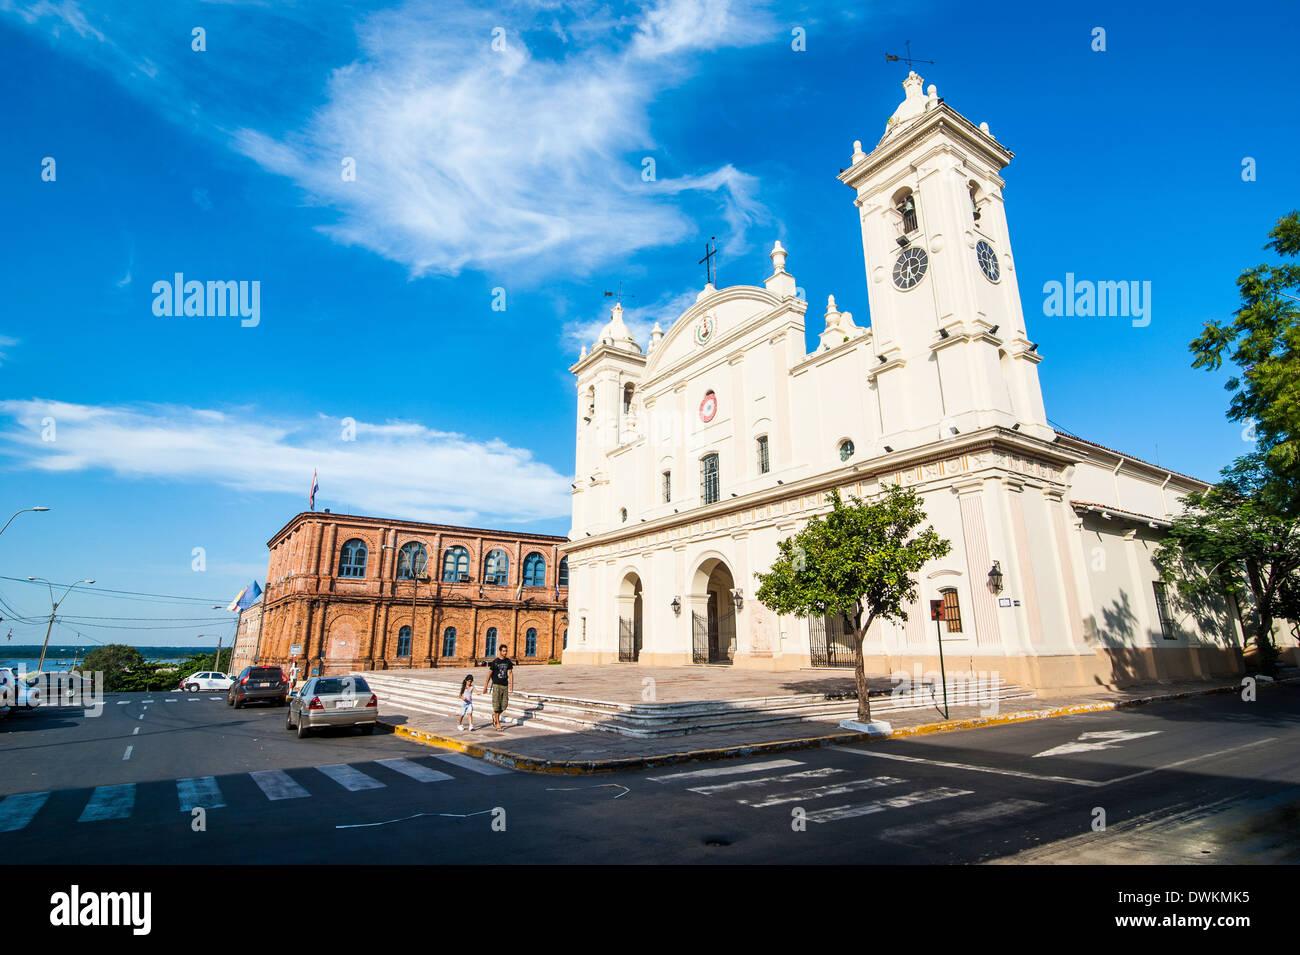 Cathedral of Asuncion, Asuncion, Paraguay, South America - Stock Image